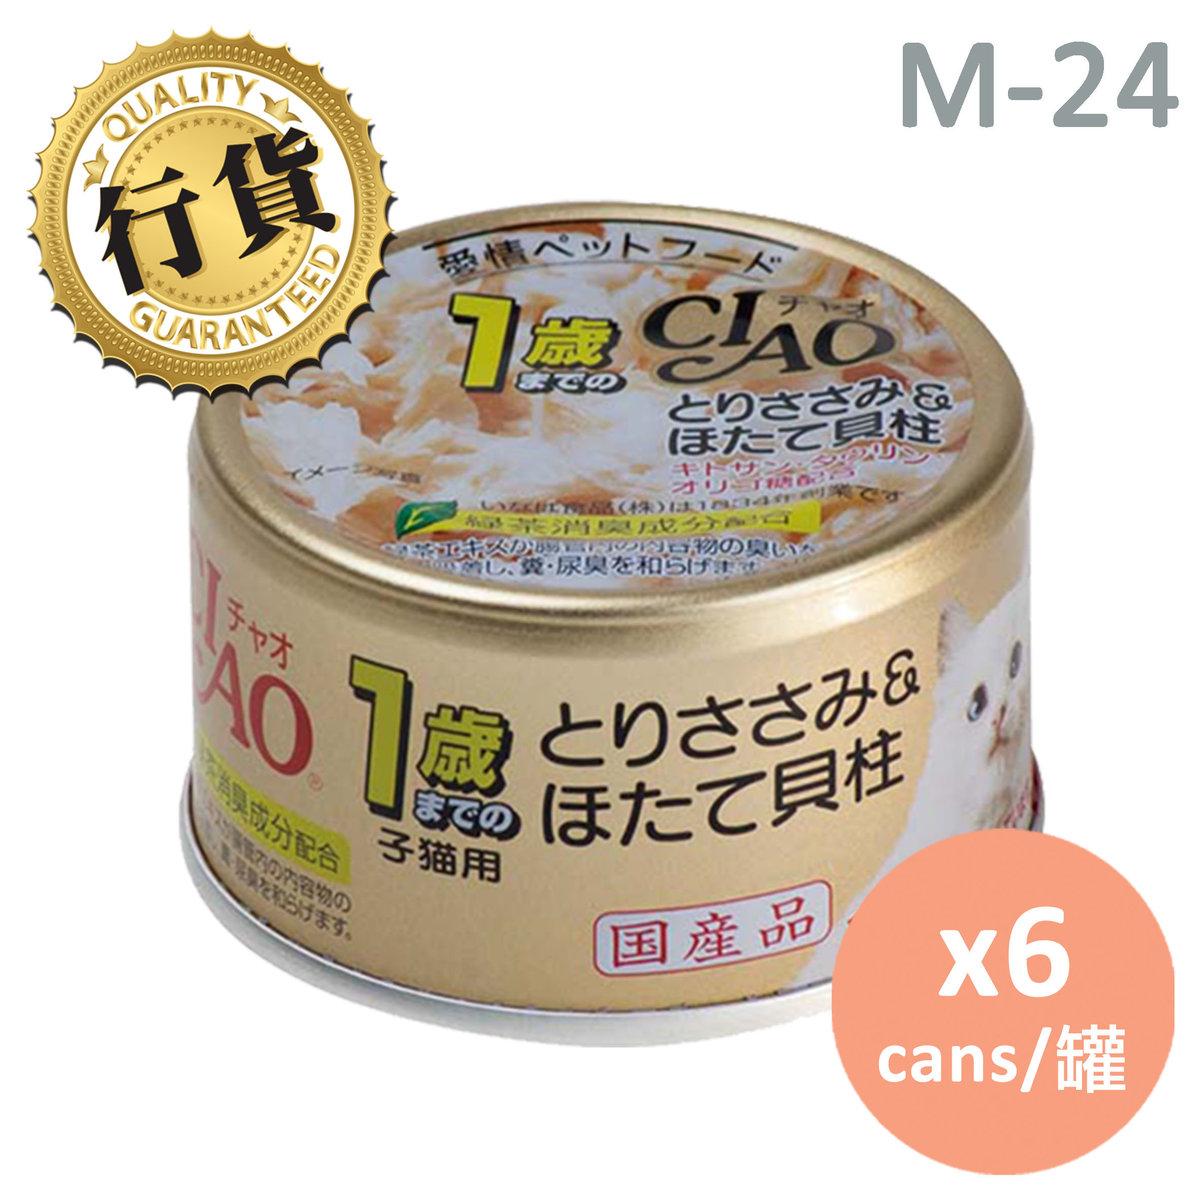 (行貨)雞肉+帶子(幼貓) M-24 x6